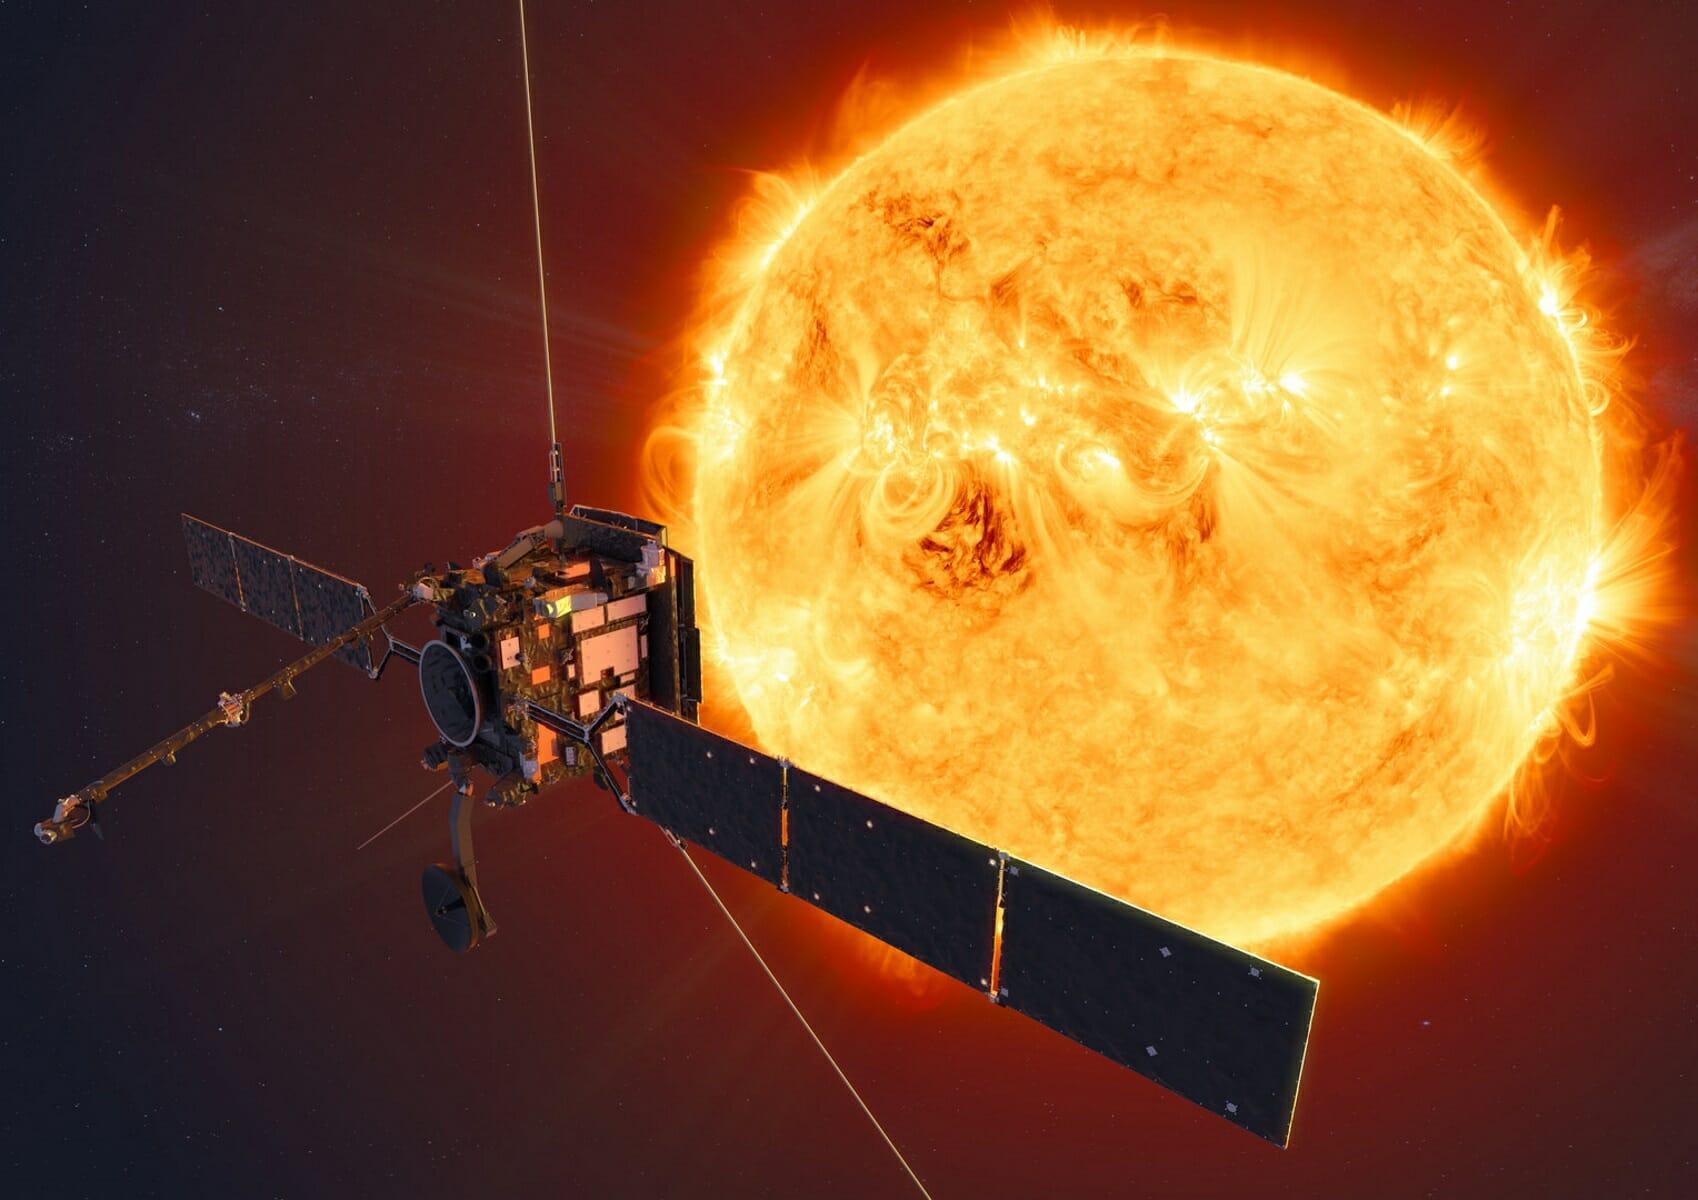 Έτοιμο για εκτόξευση προς τον Ήλιο το Solar Orbiter! Τι λέει ο Έλληνας αστροφυσικός που έχει συντονιστικό ρόλο